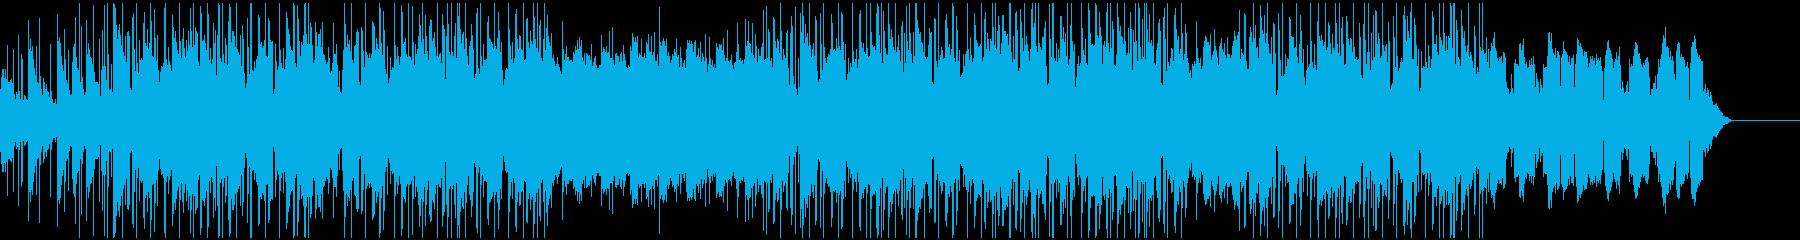 Chill系のゆったりしたHipHopの再生済みの波形